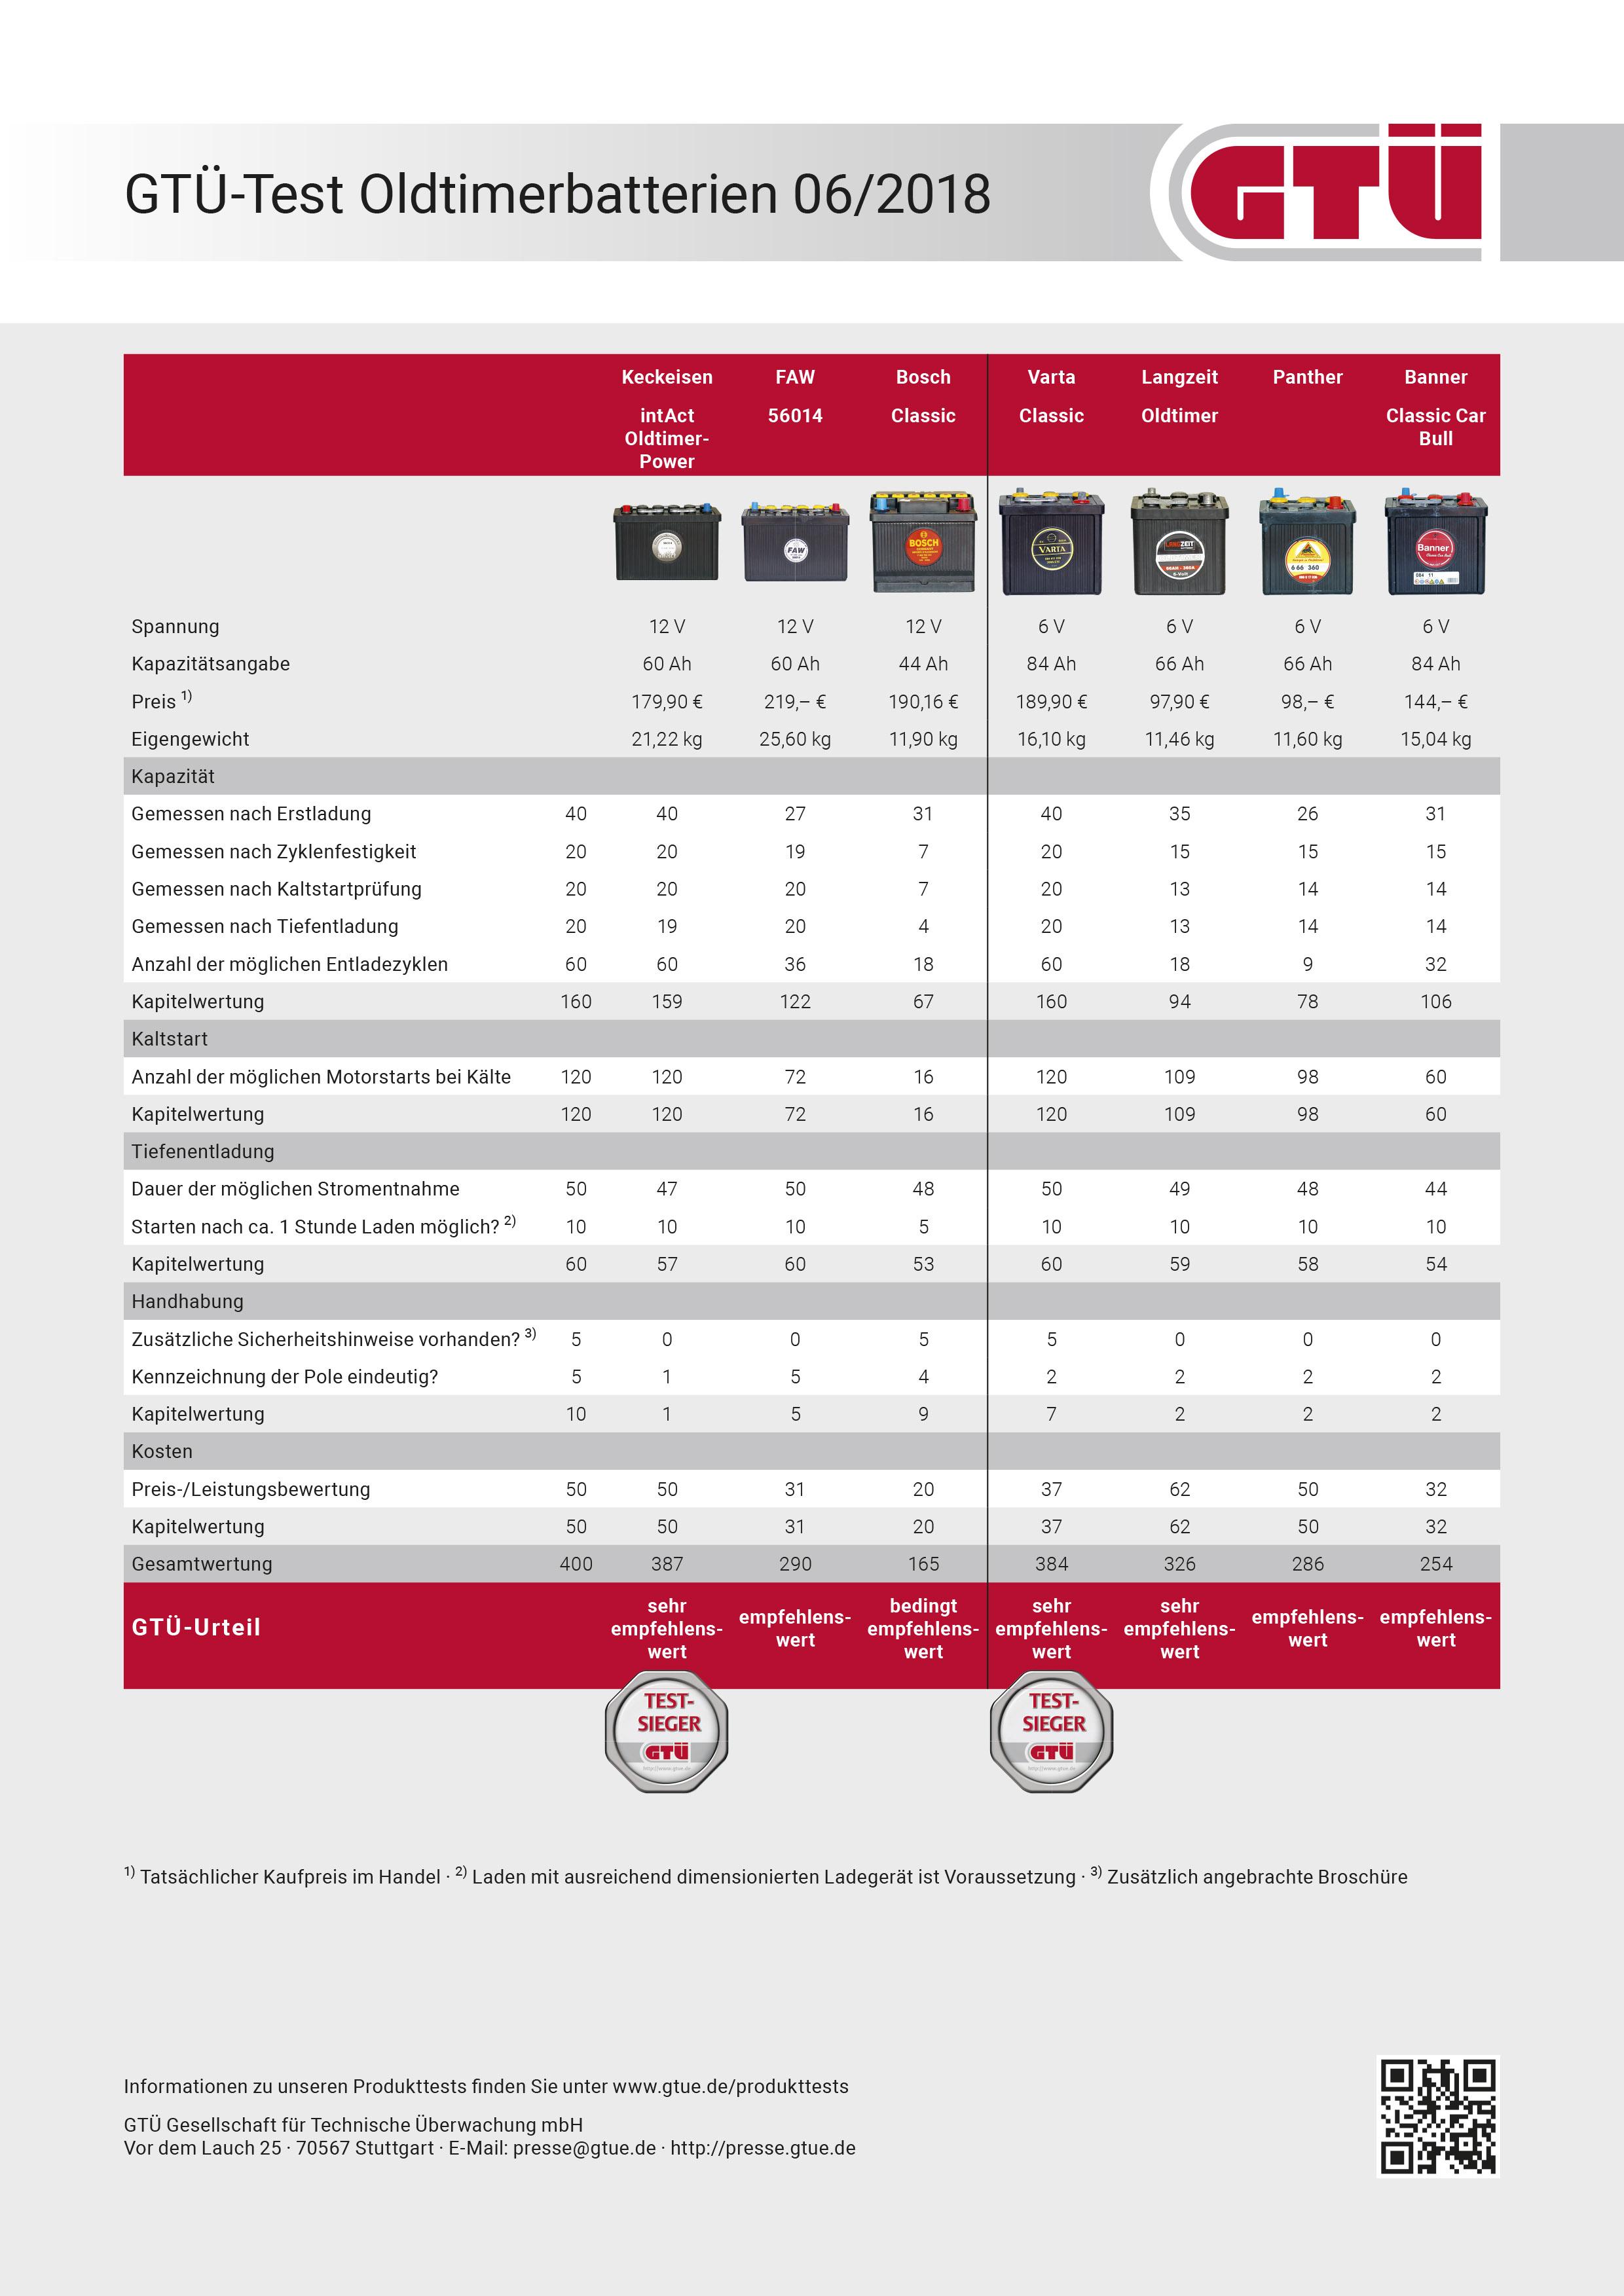 Testergebnisse - Grafik: Kröner/GTÜ